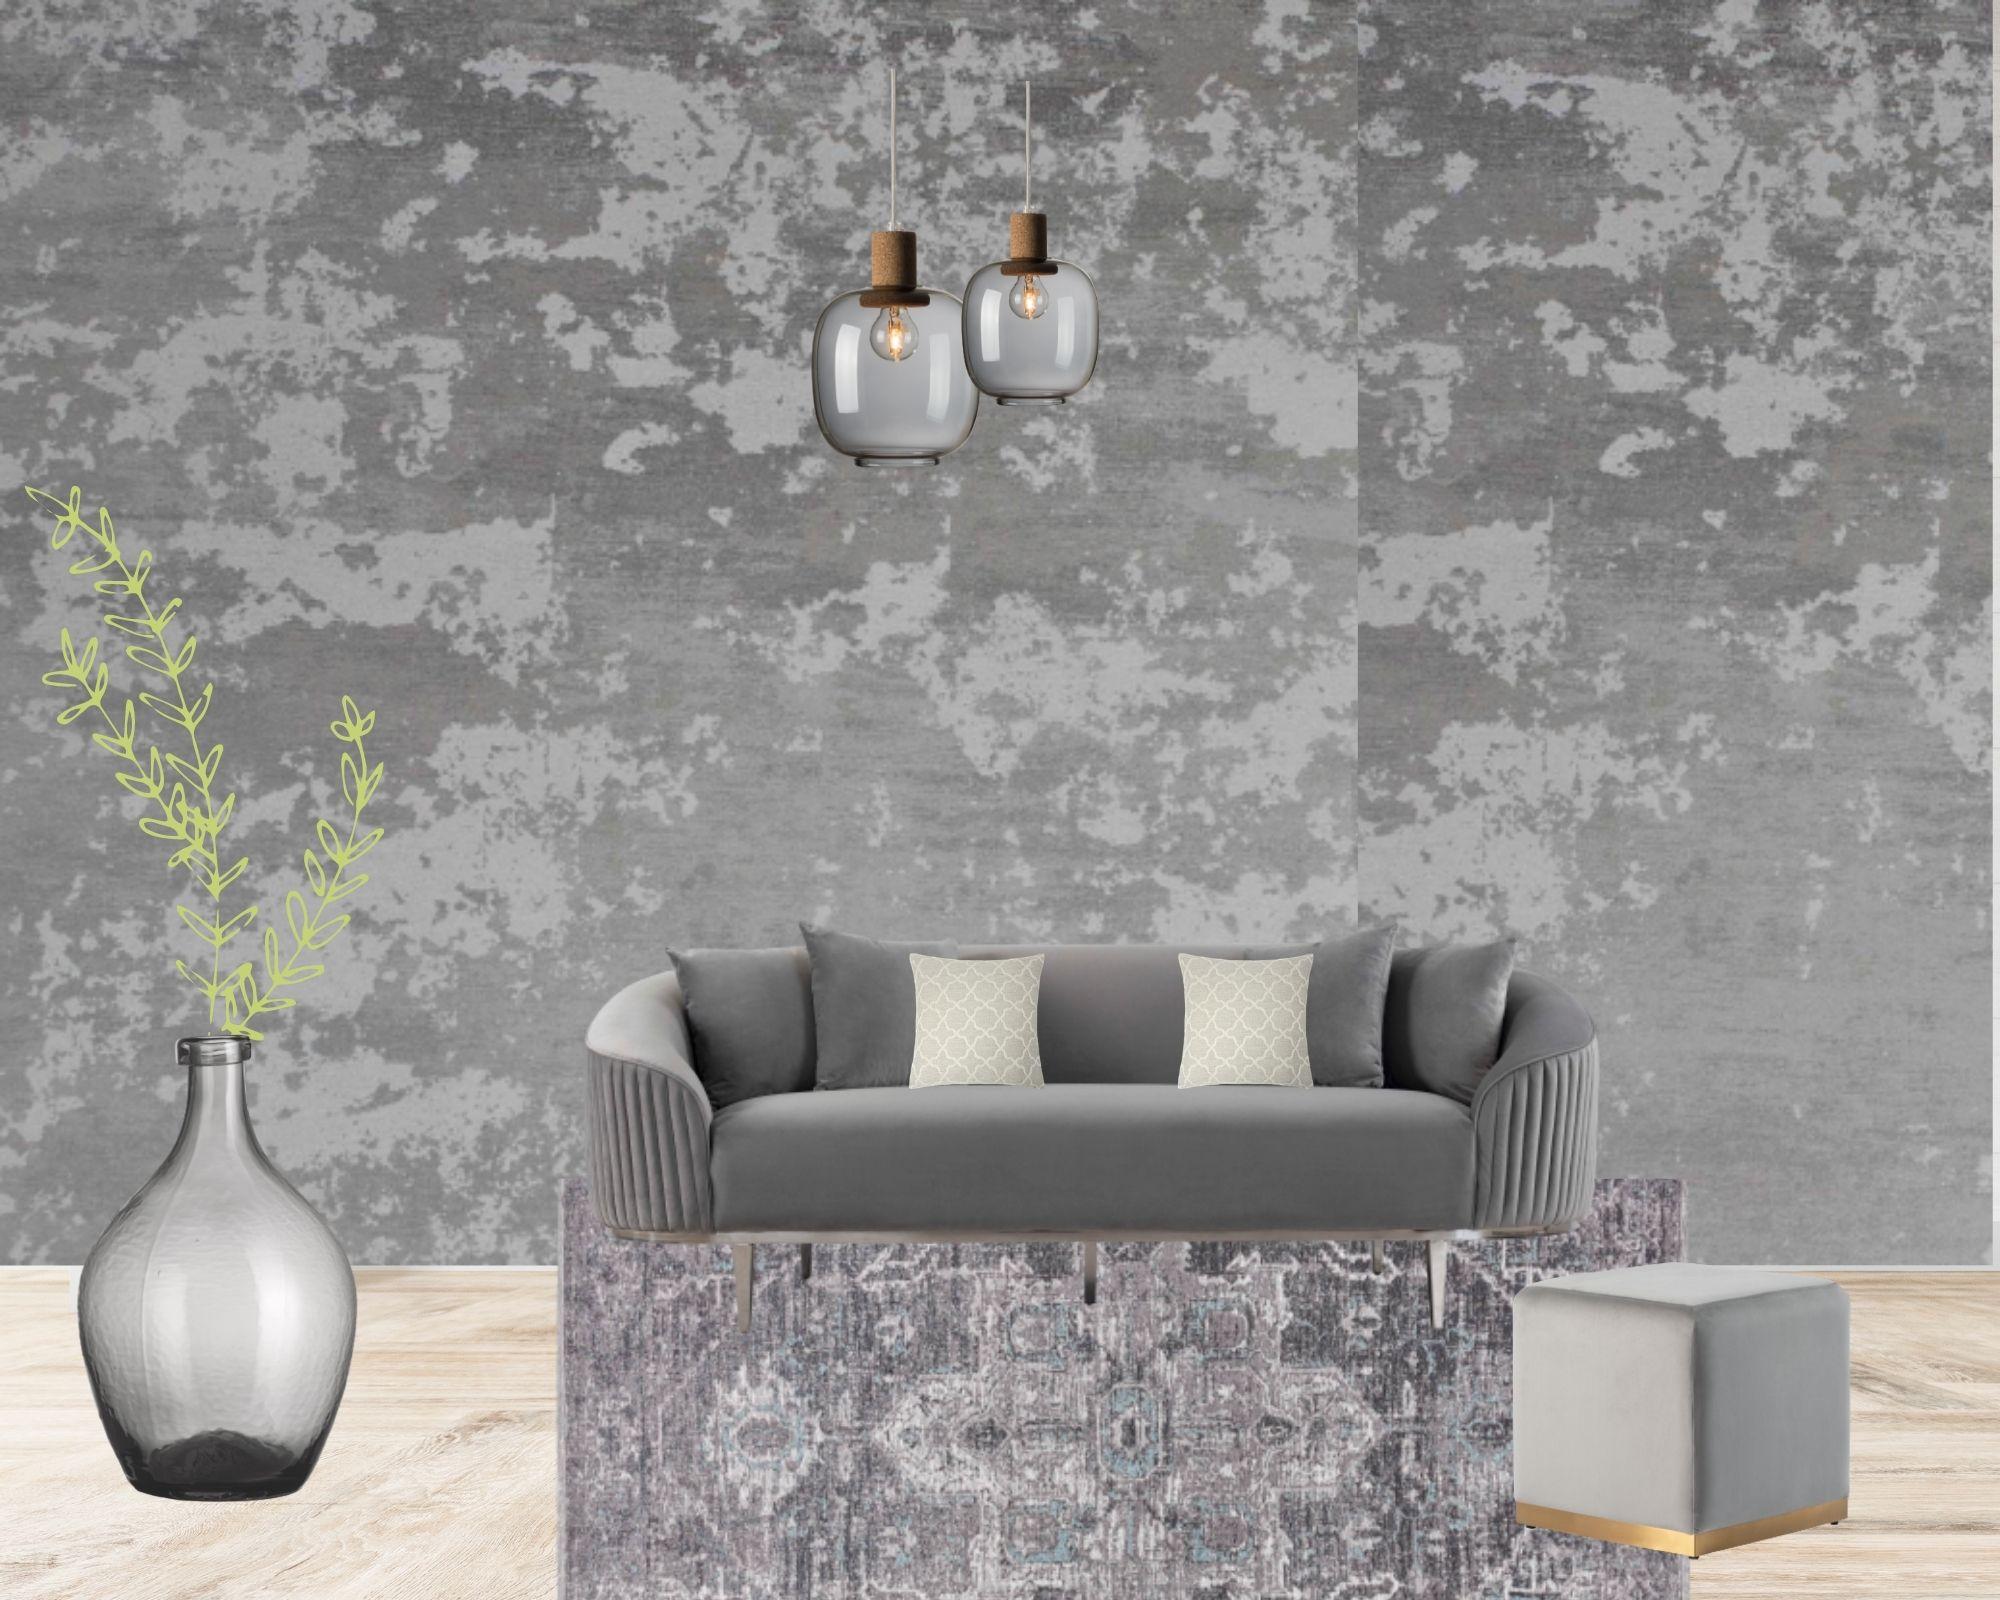 soggiorno con arredamento grigio e bianco